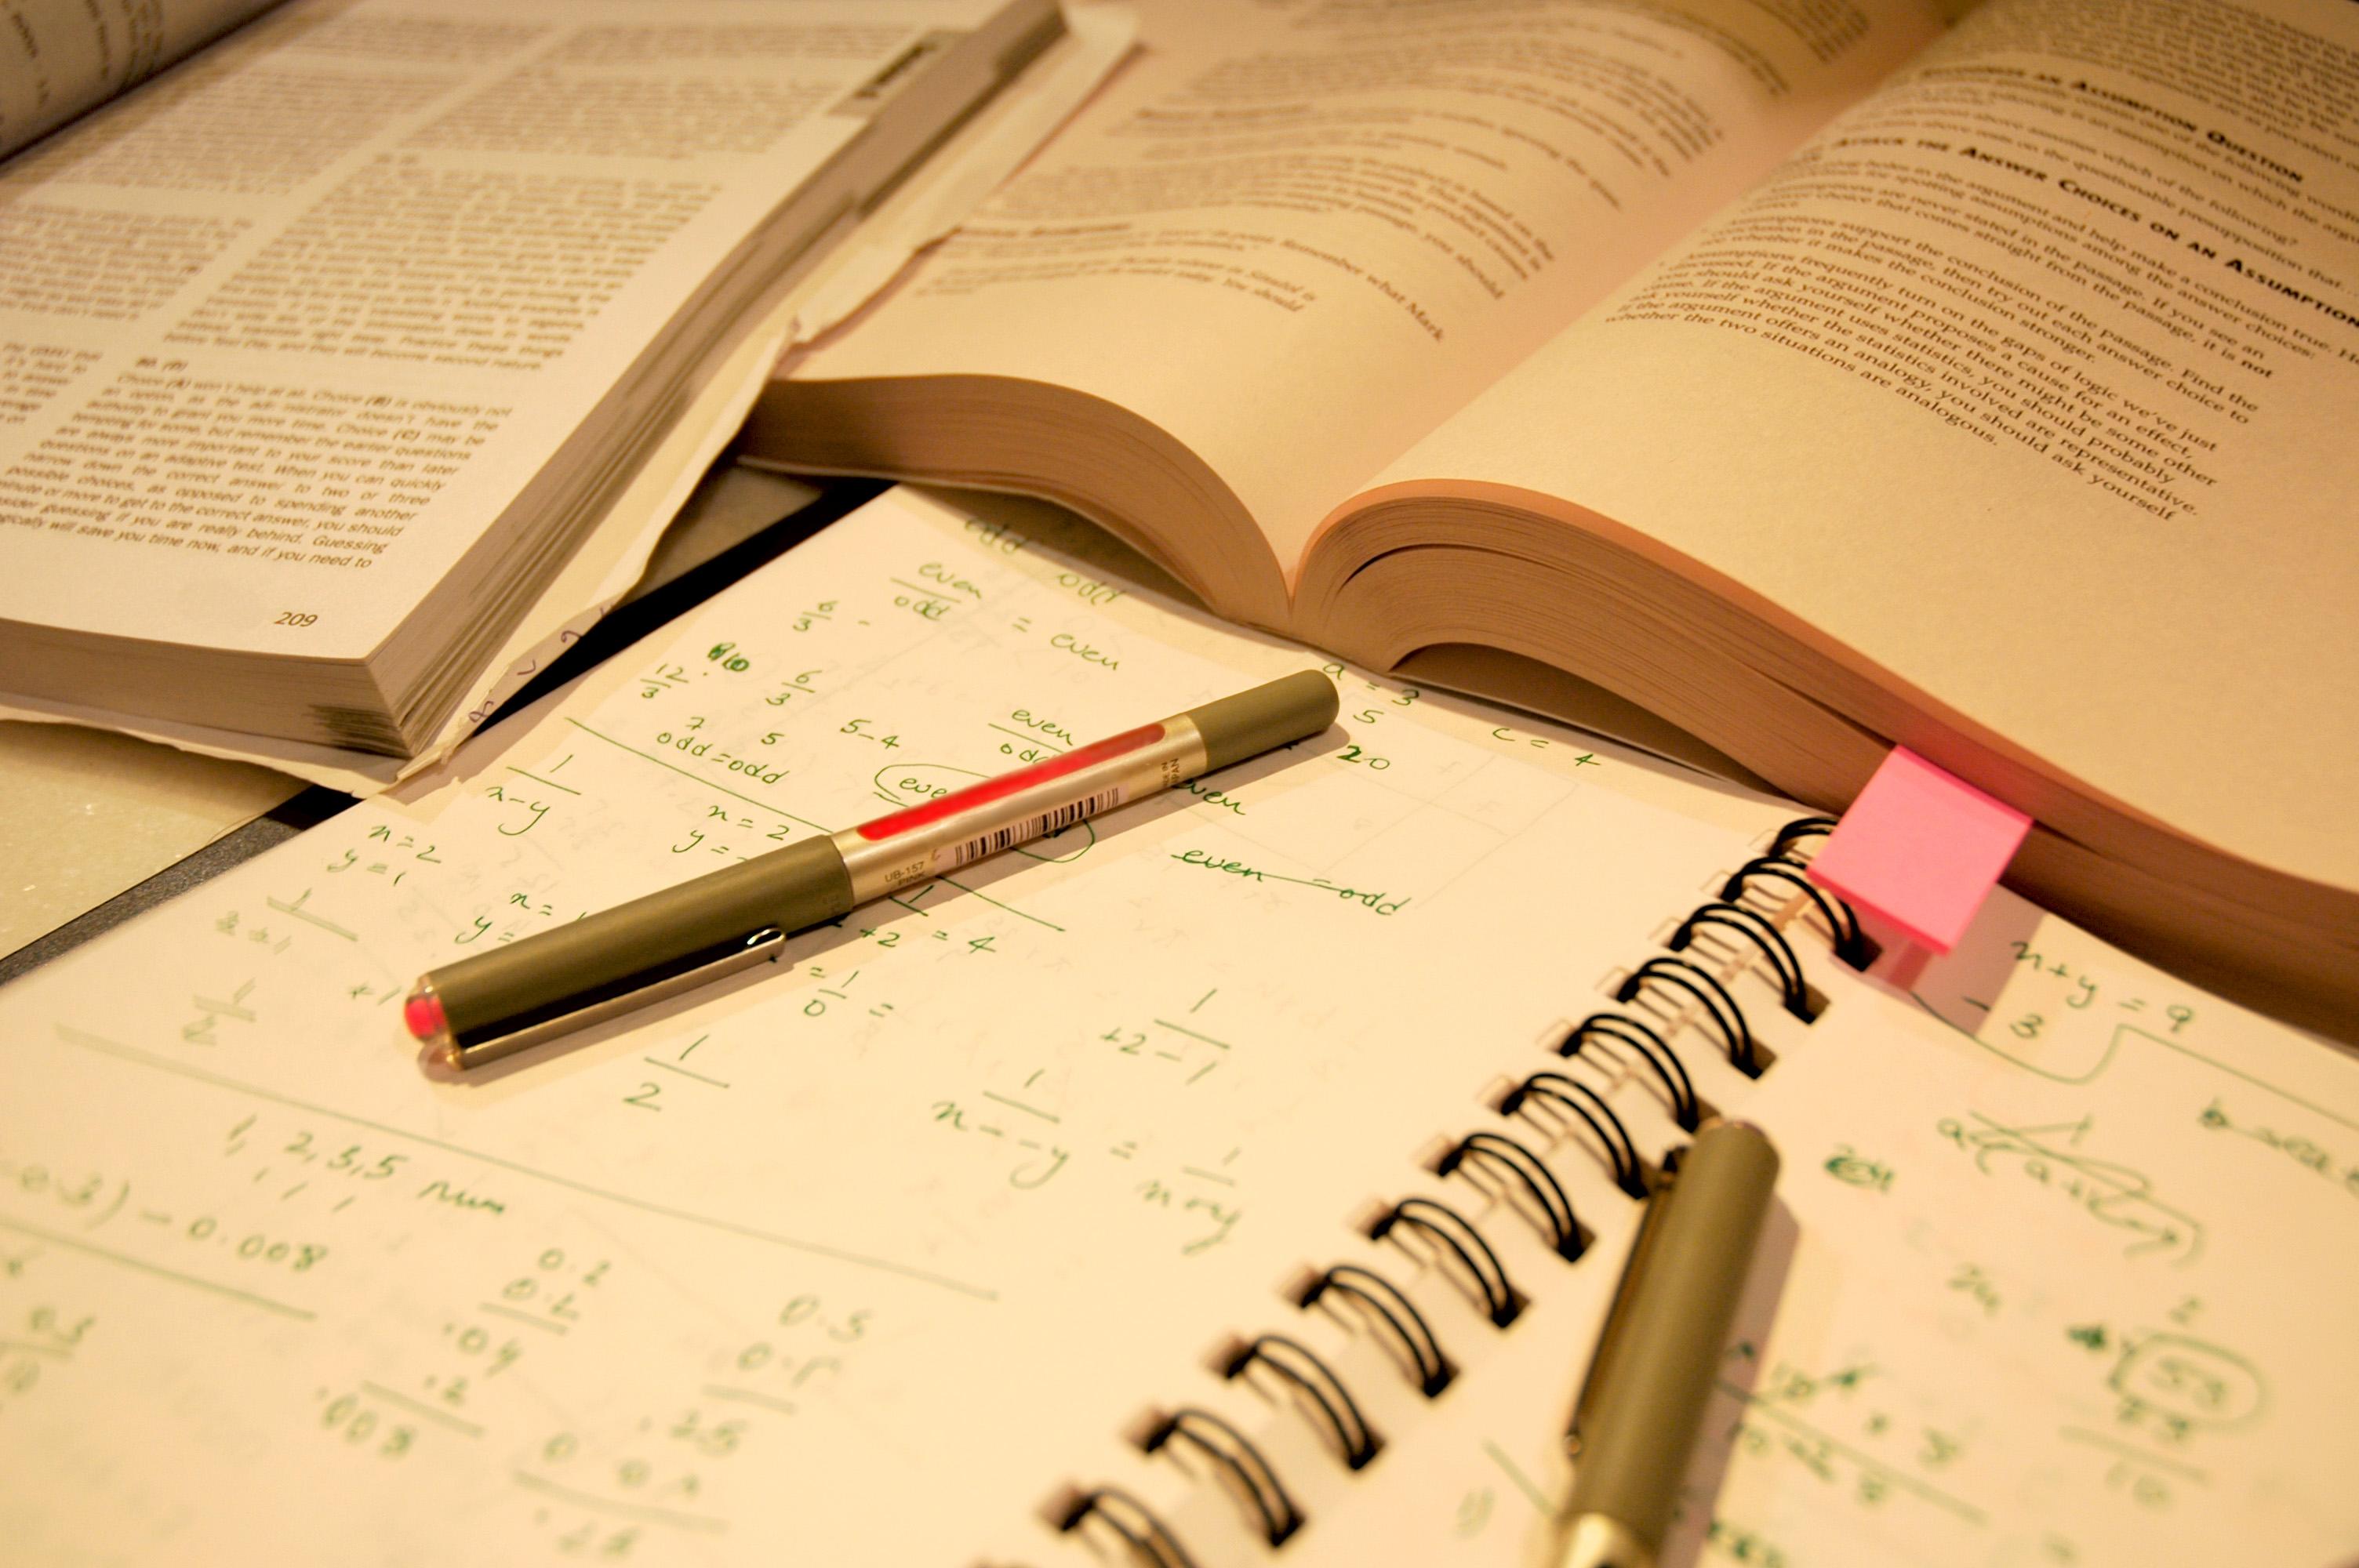 book & math